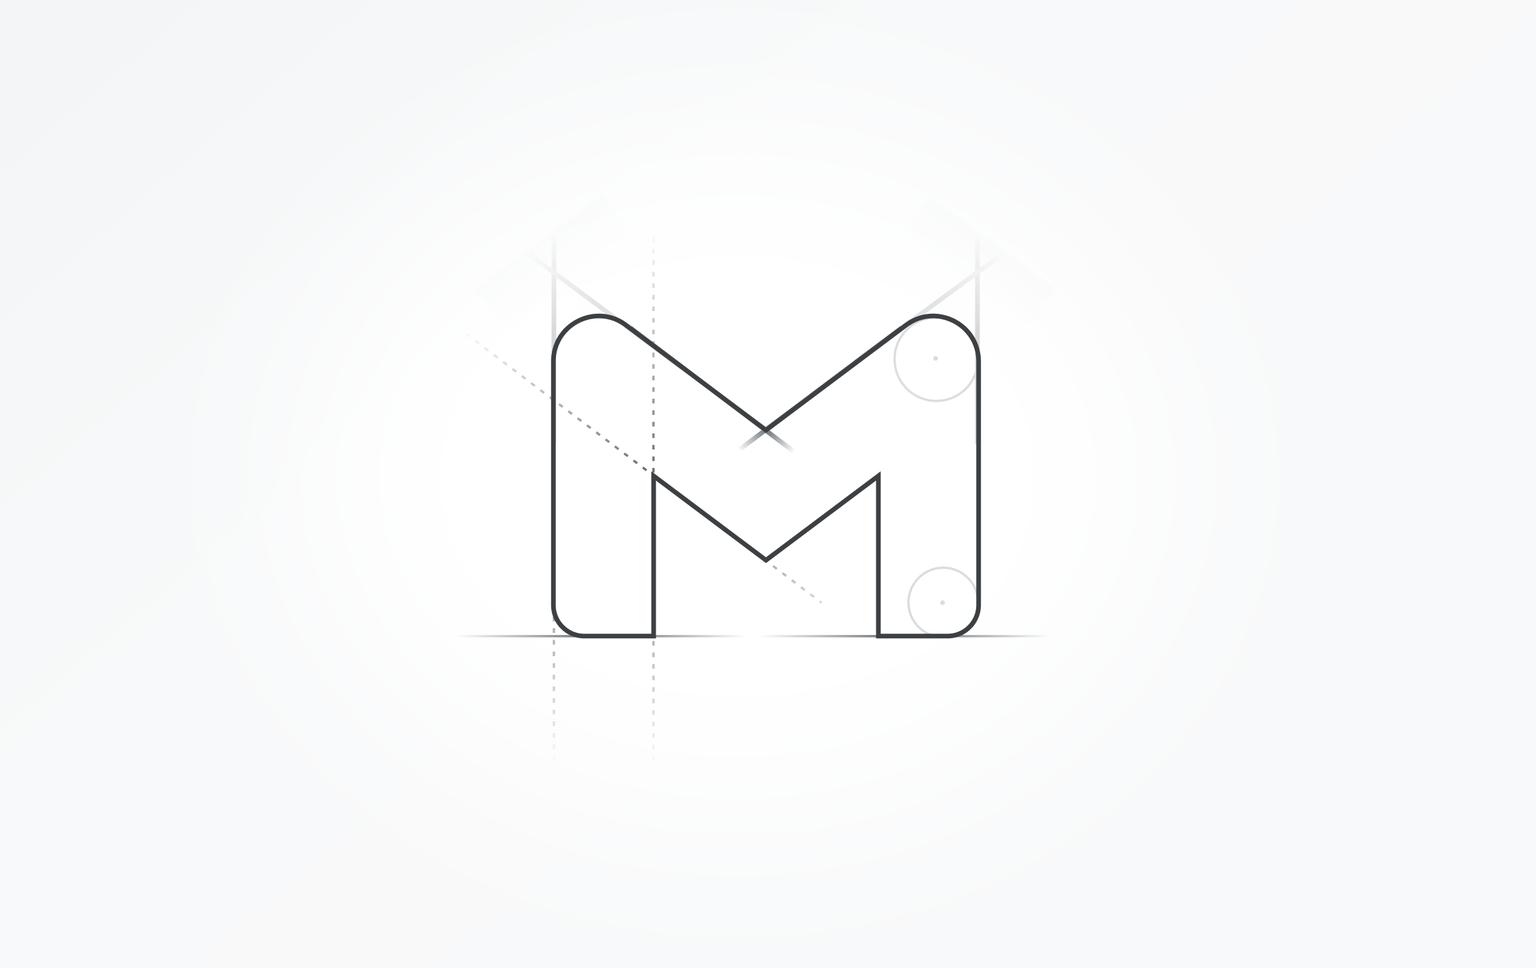 Google allinea il logo di Gmail a quello delle altre App